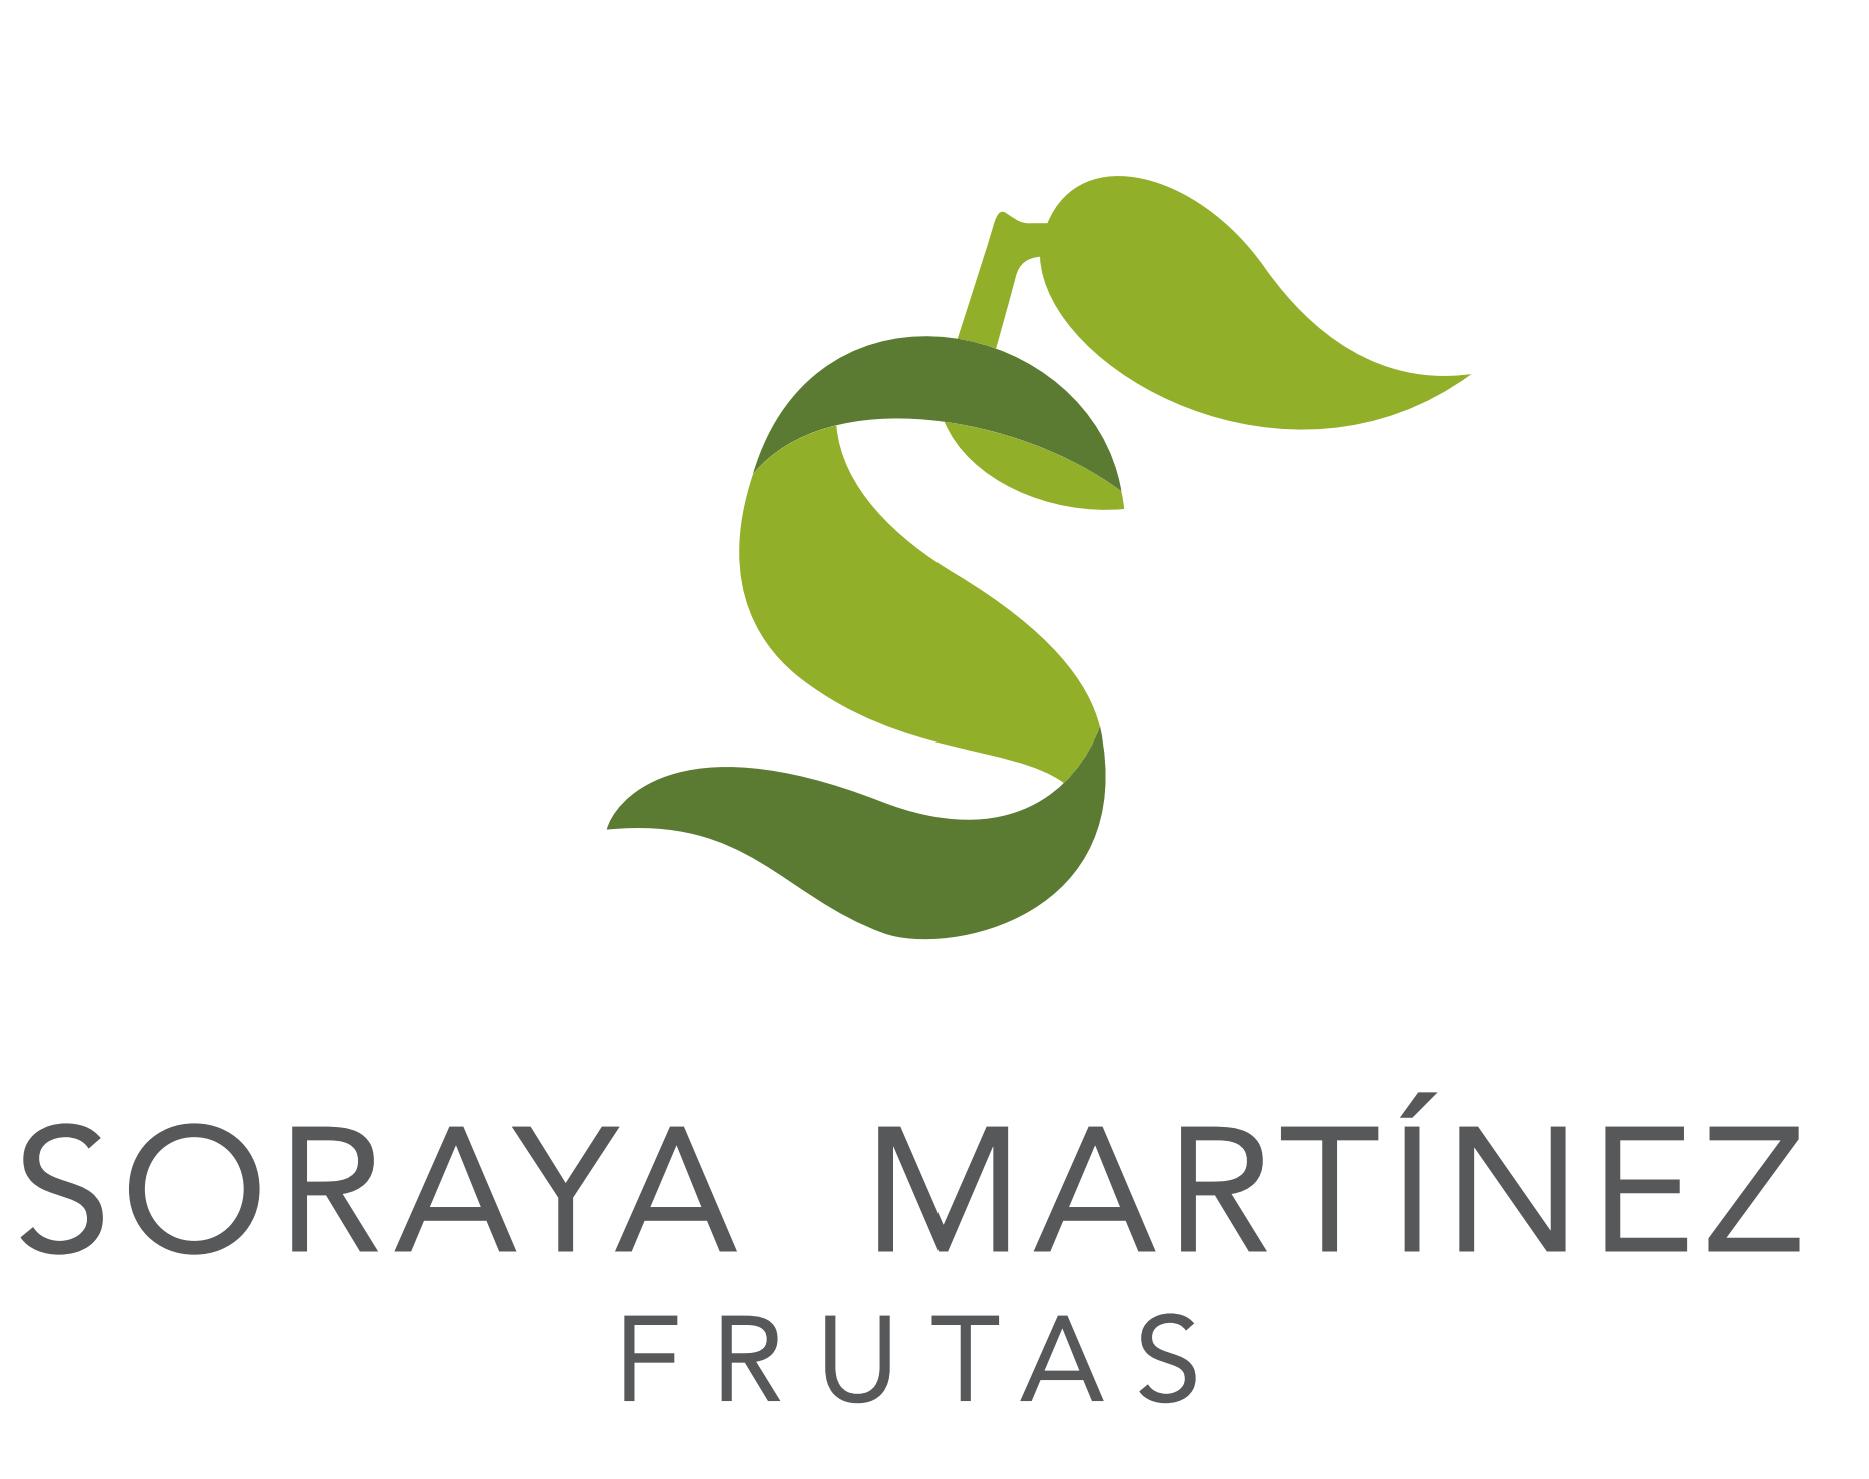 logo de soraya martinez